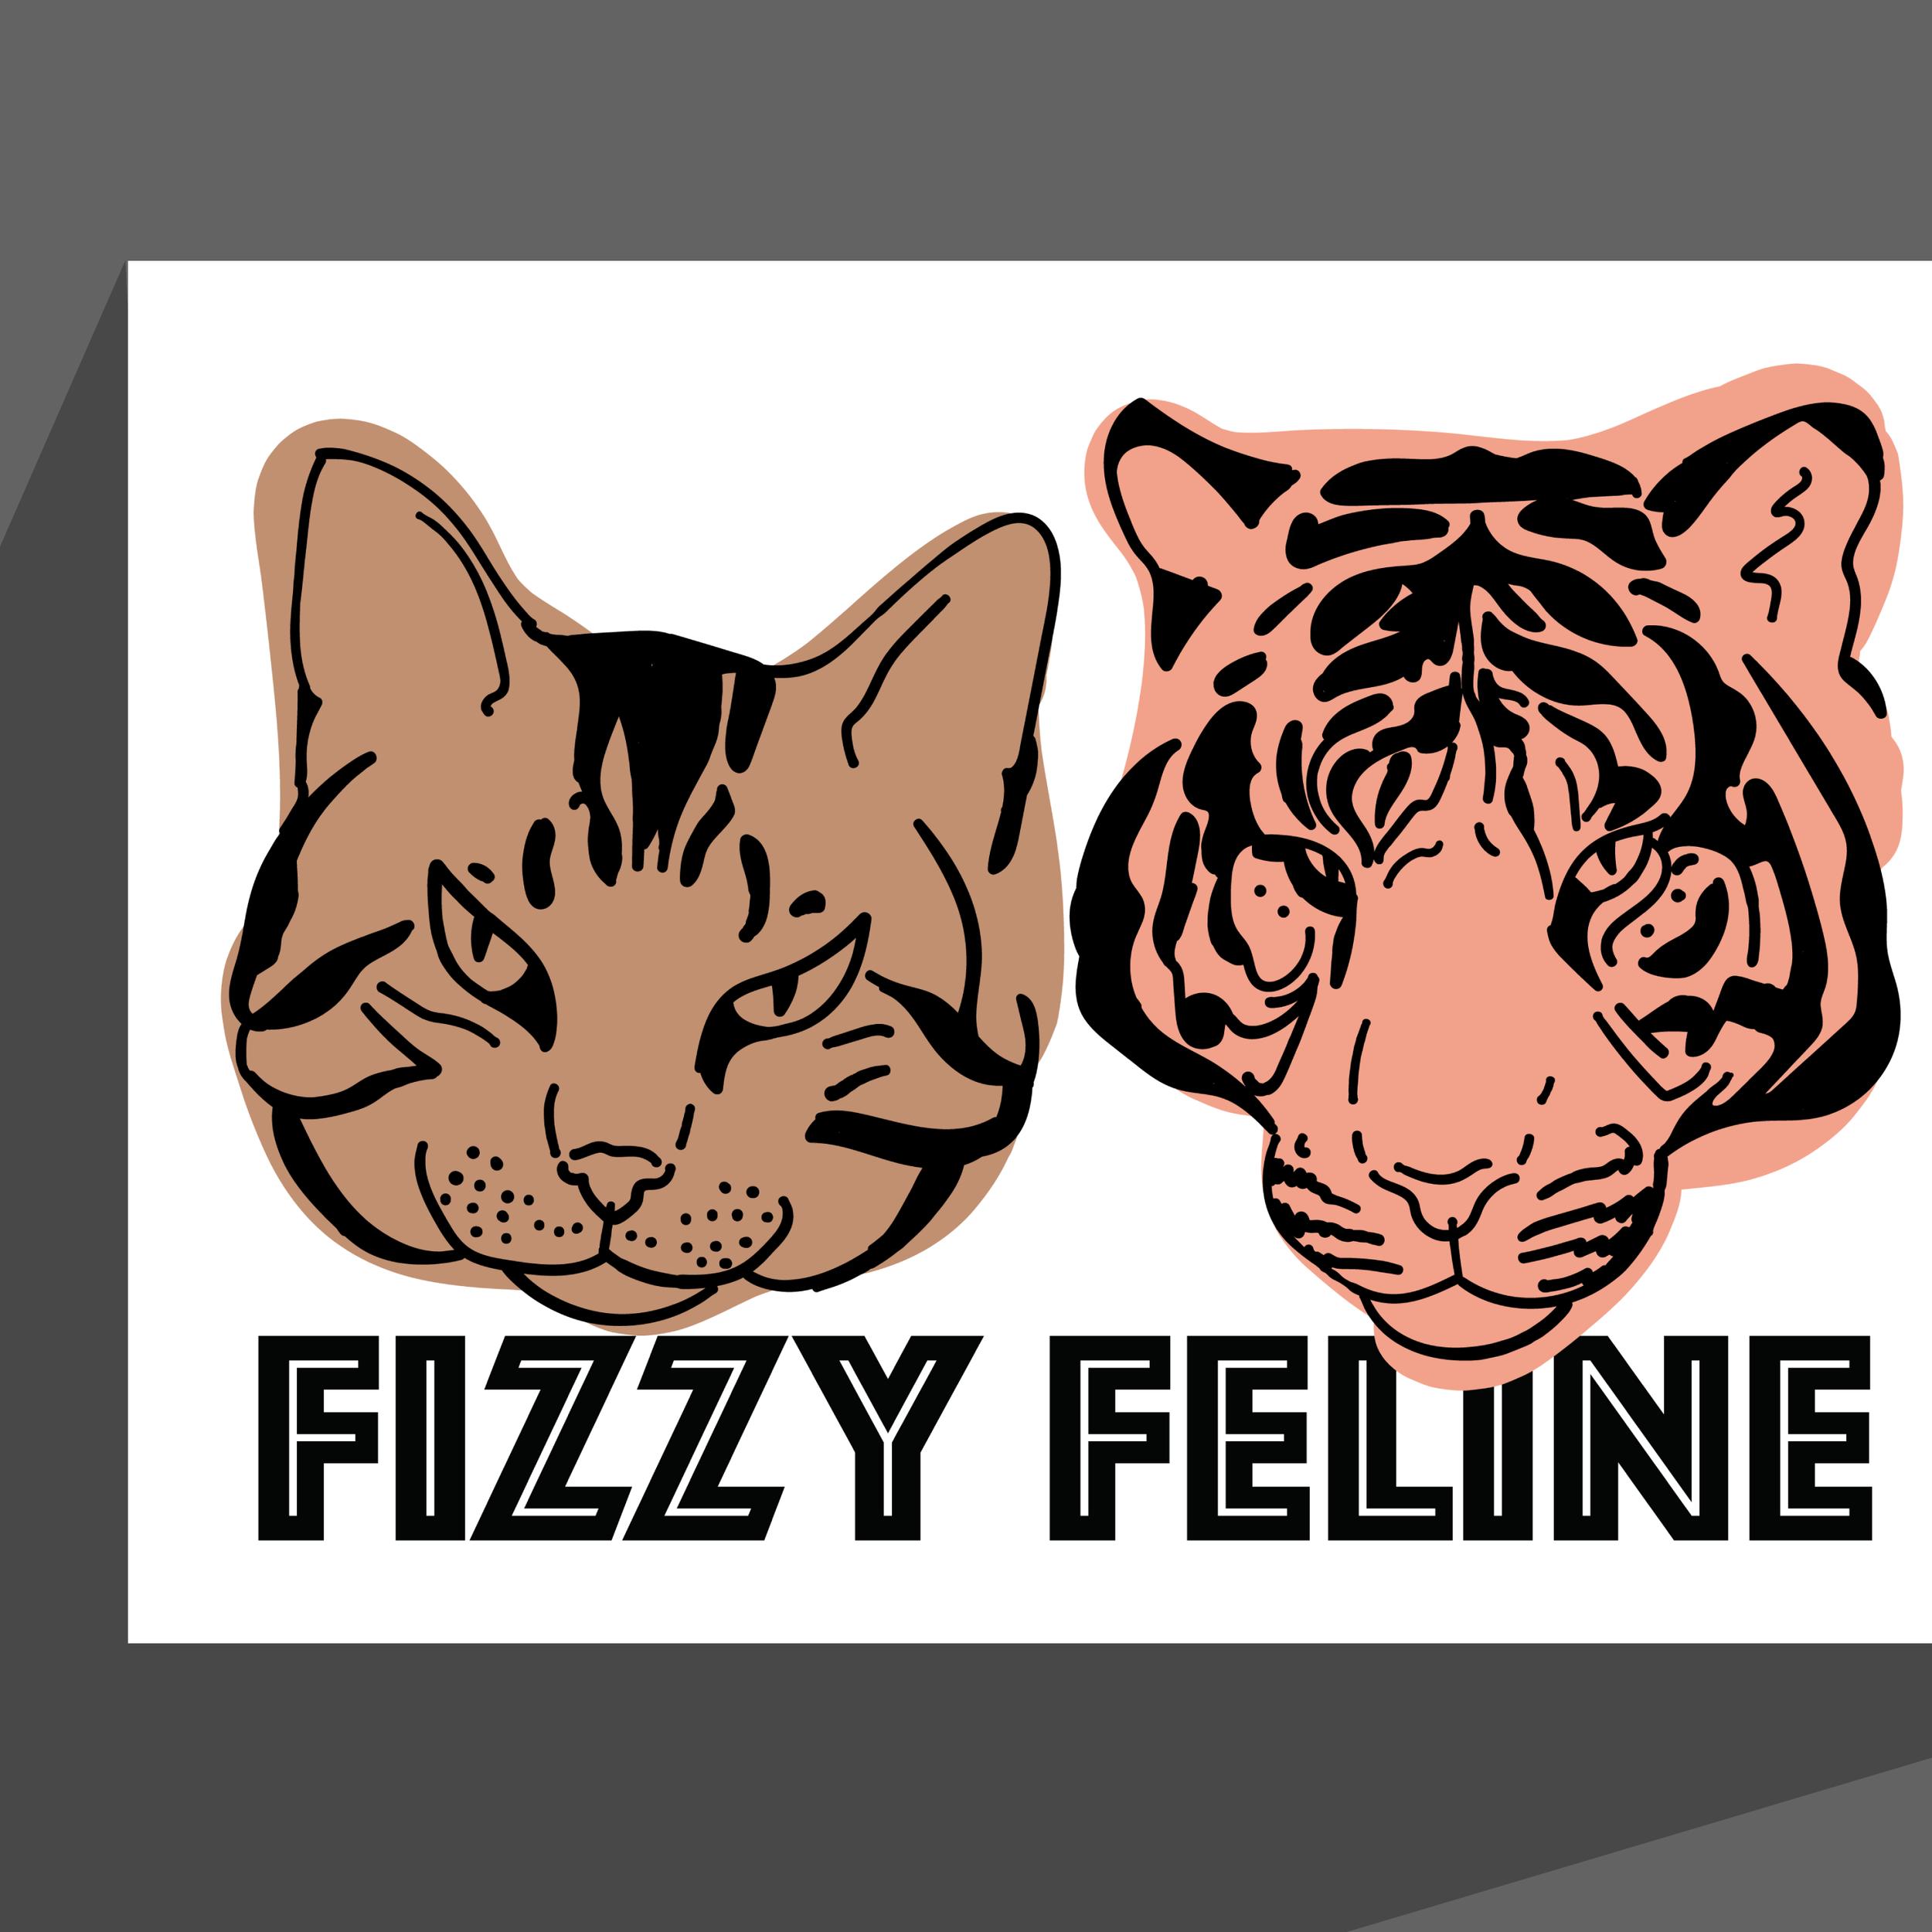 fizzyfelinesample.png